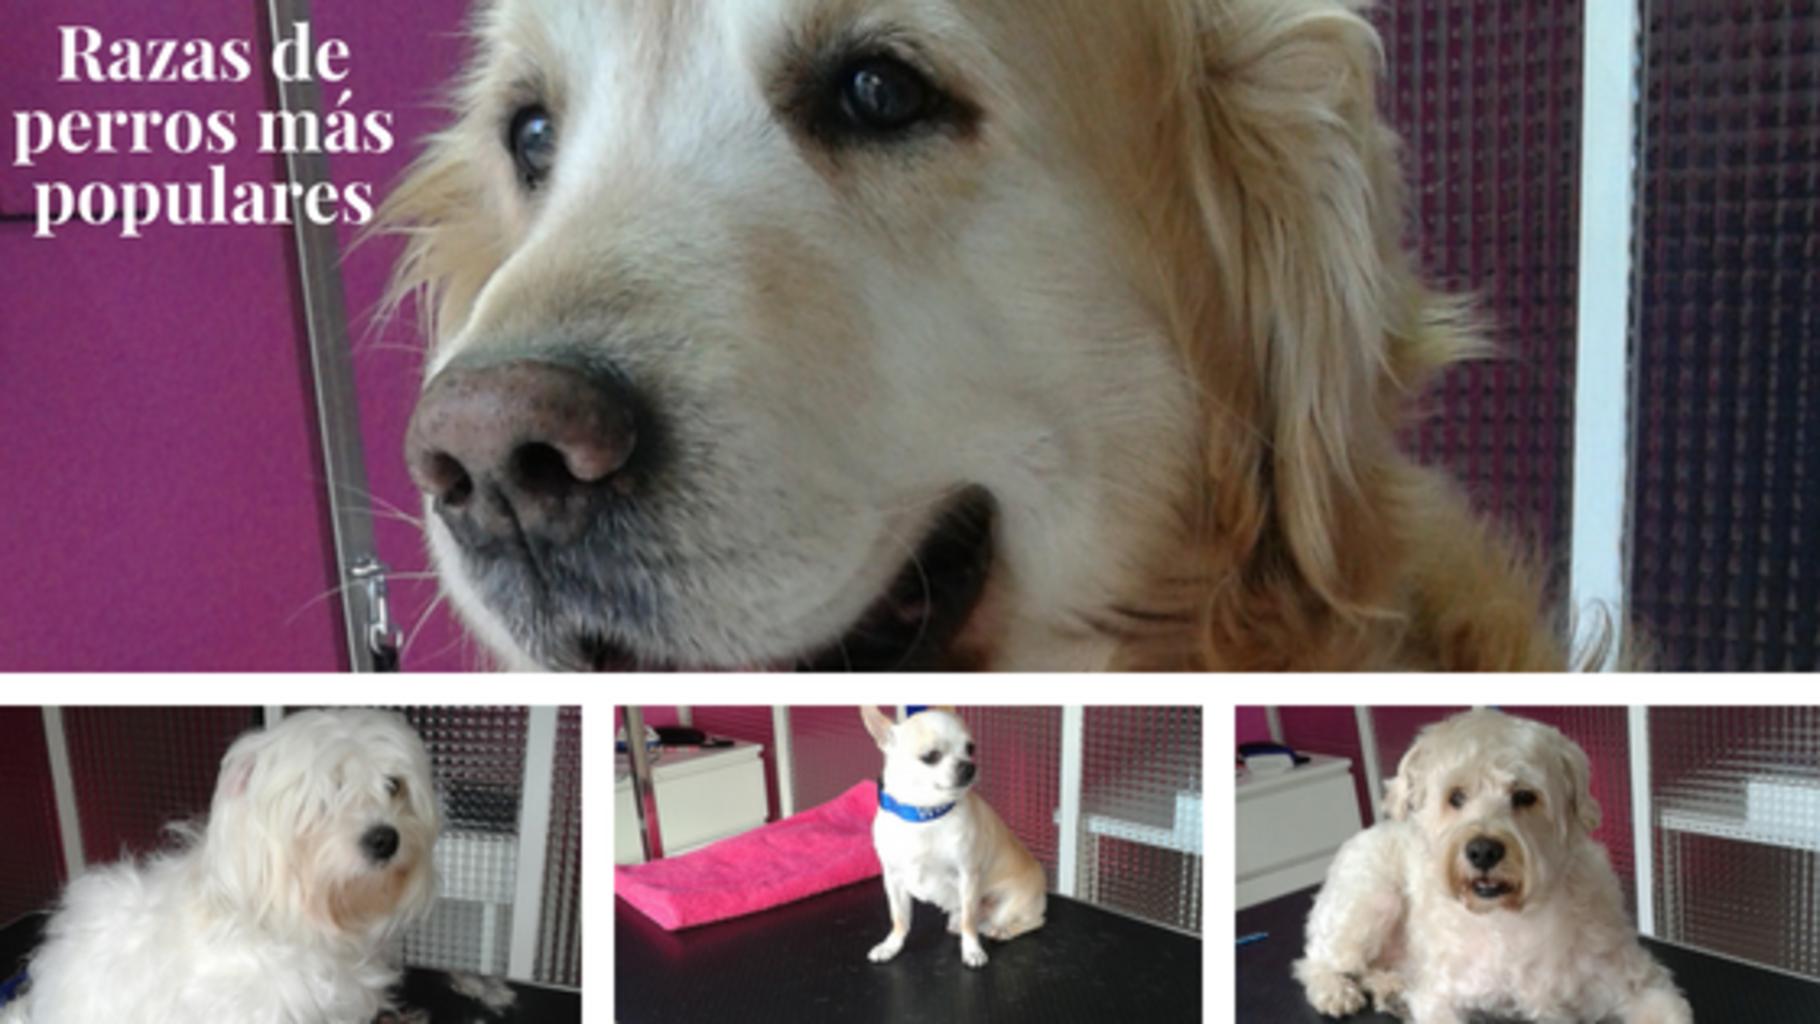 Razas de perros más populares-blog